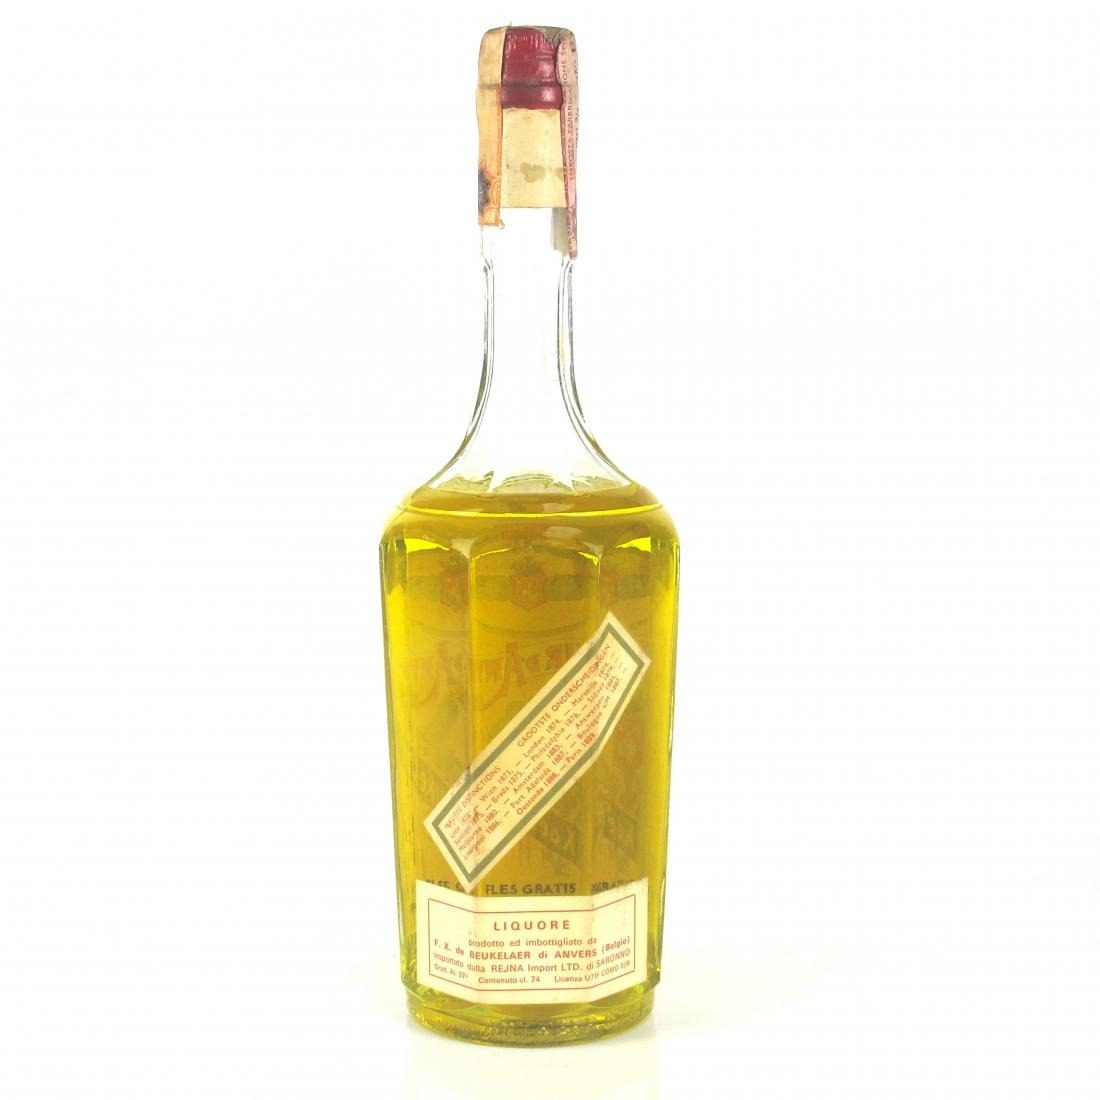 Elixir d'Anvers 1960s